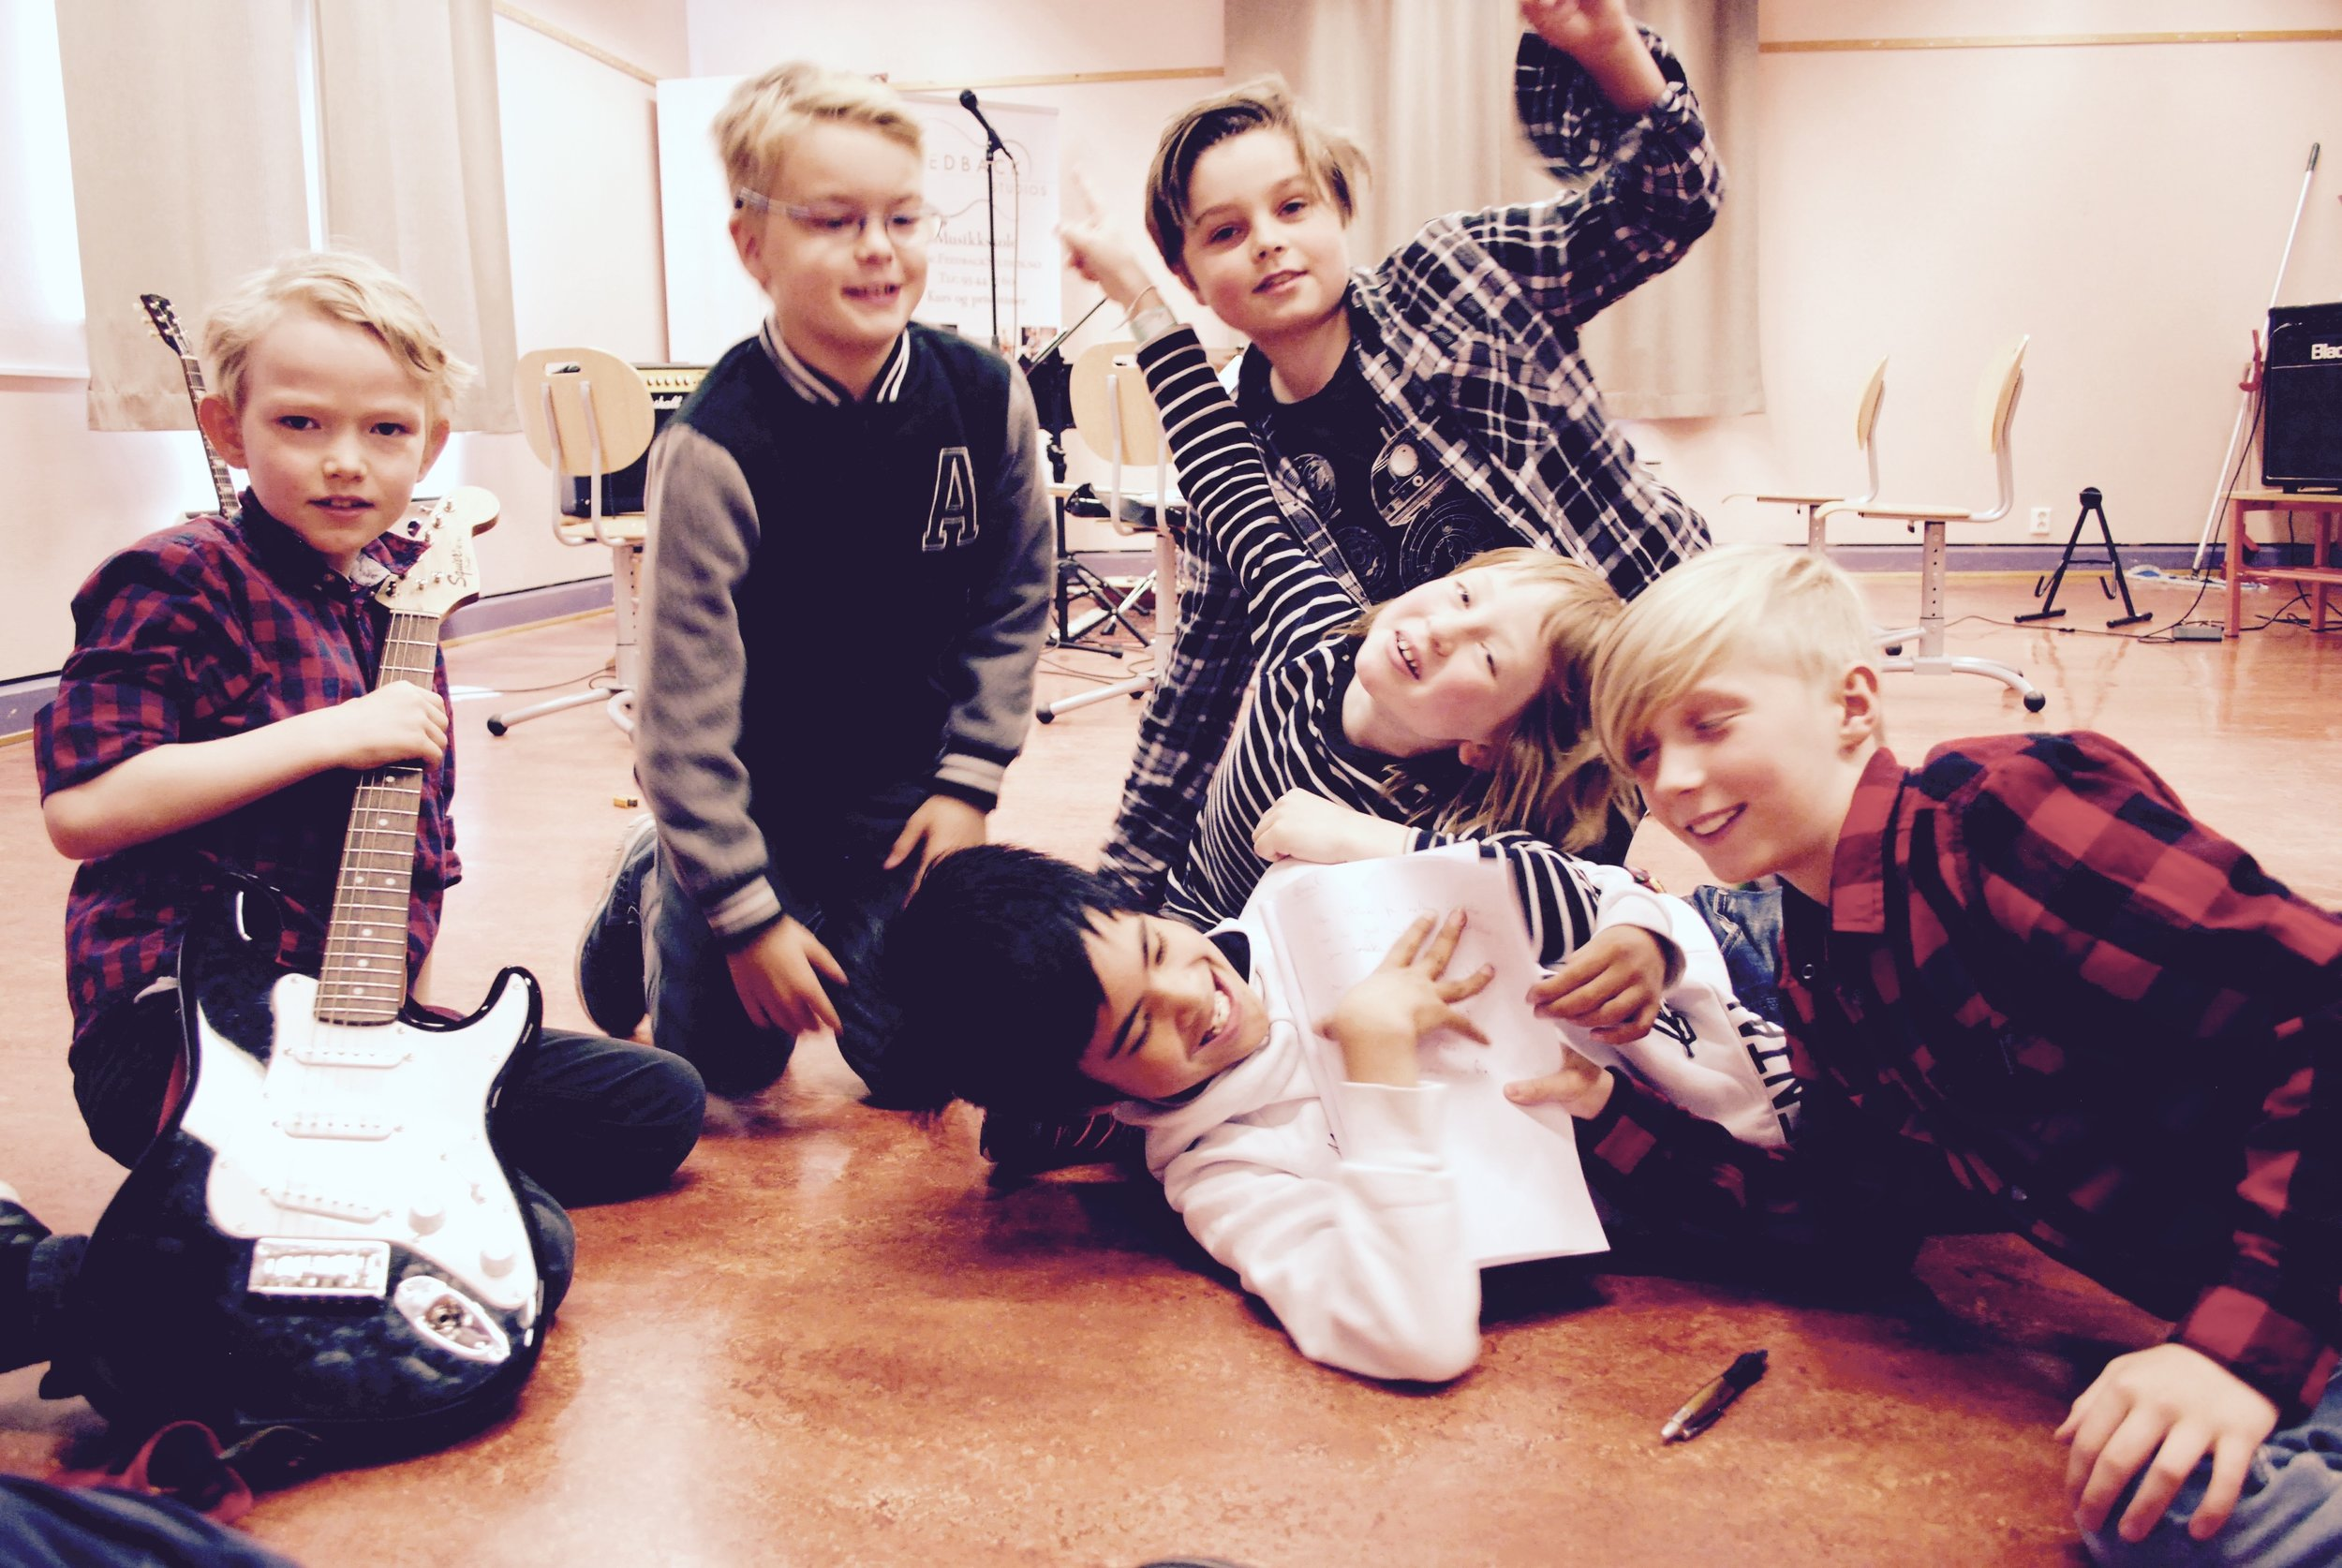 Musikk sommer! - På Feedback Studios sommerskole lærer elevene å spille sammen i forskjellige band og samspill grupper!